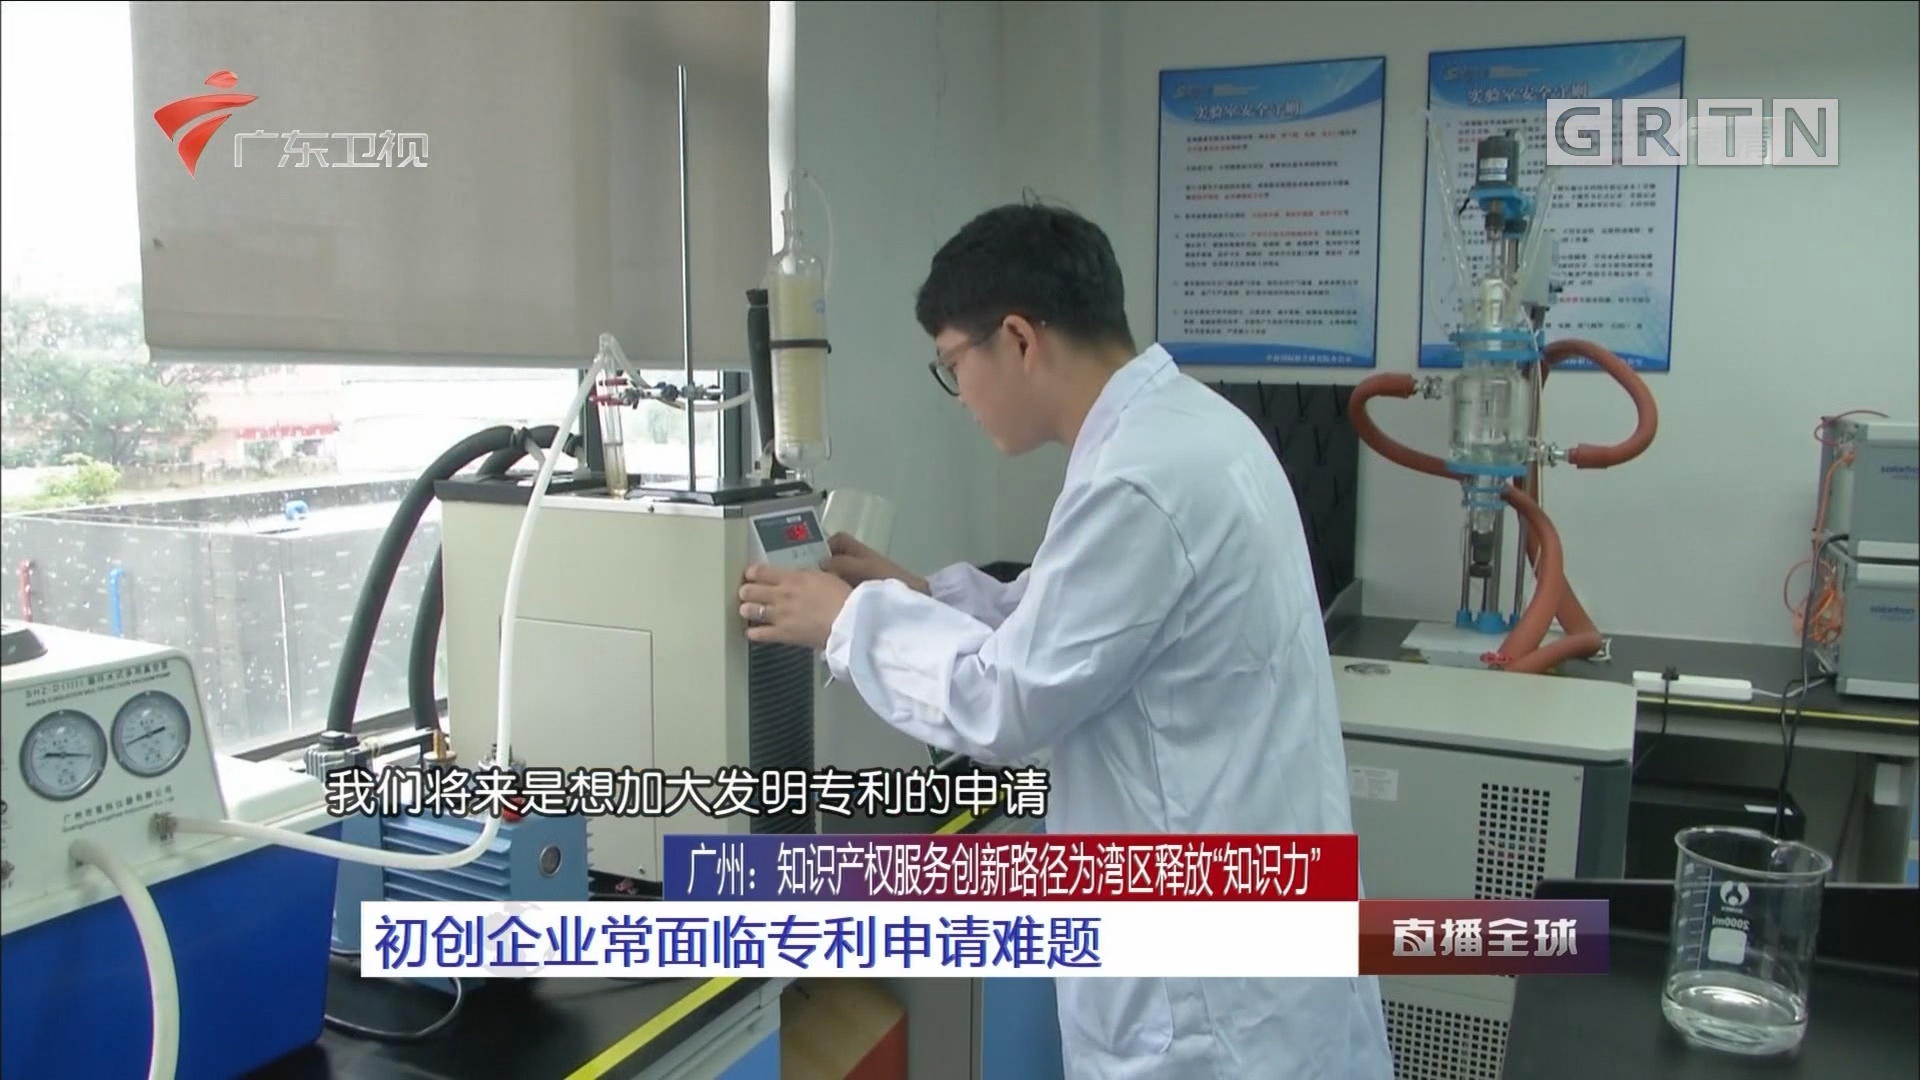 """广州:知识产权服务创新路径为湾区释放""""知识力"""" 初创企业常面临专利申请难题"""